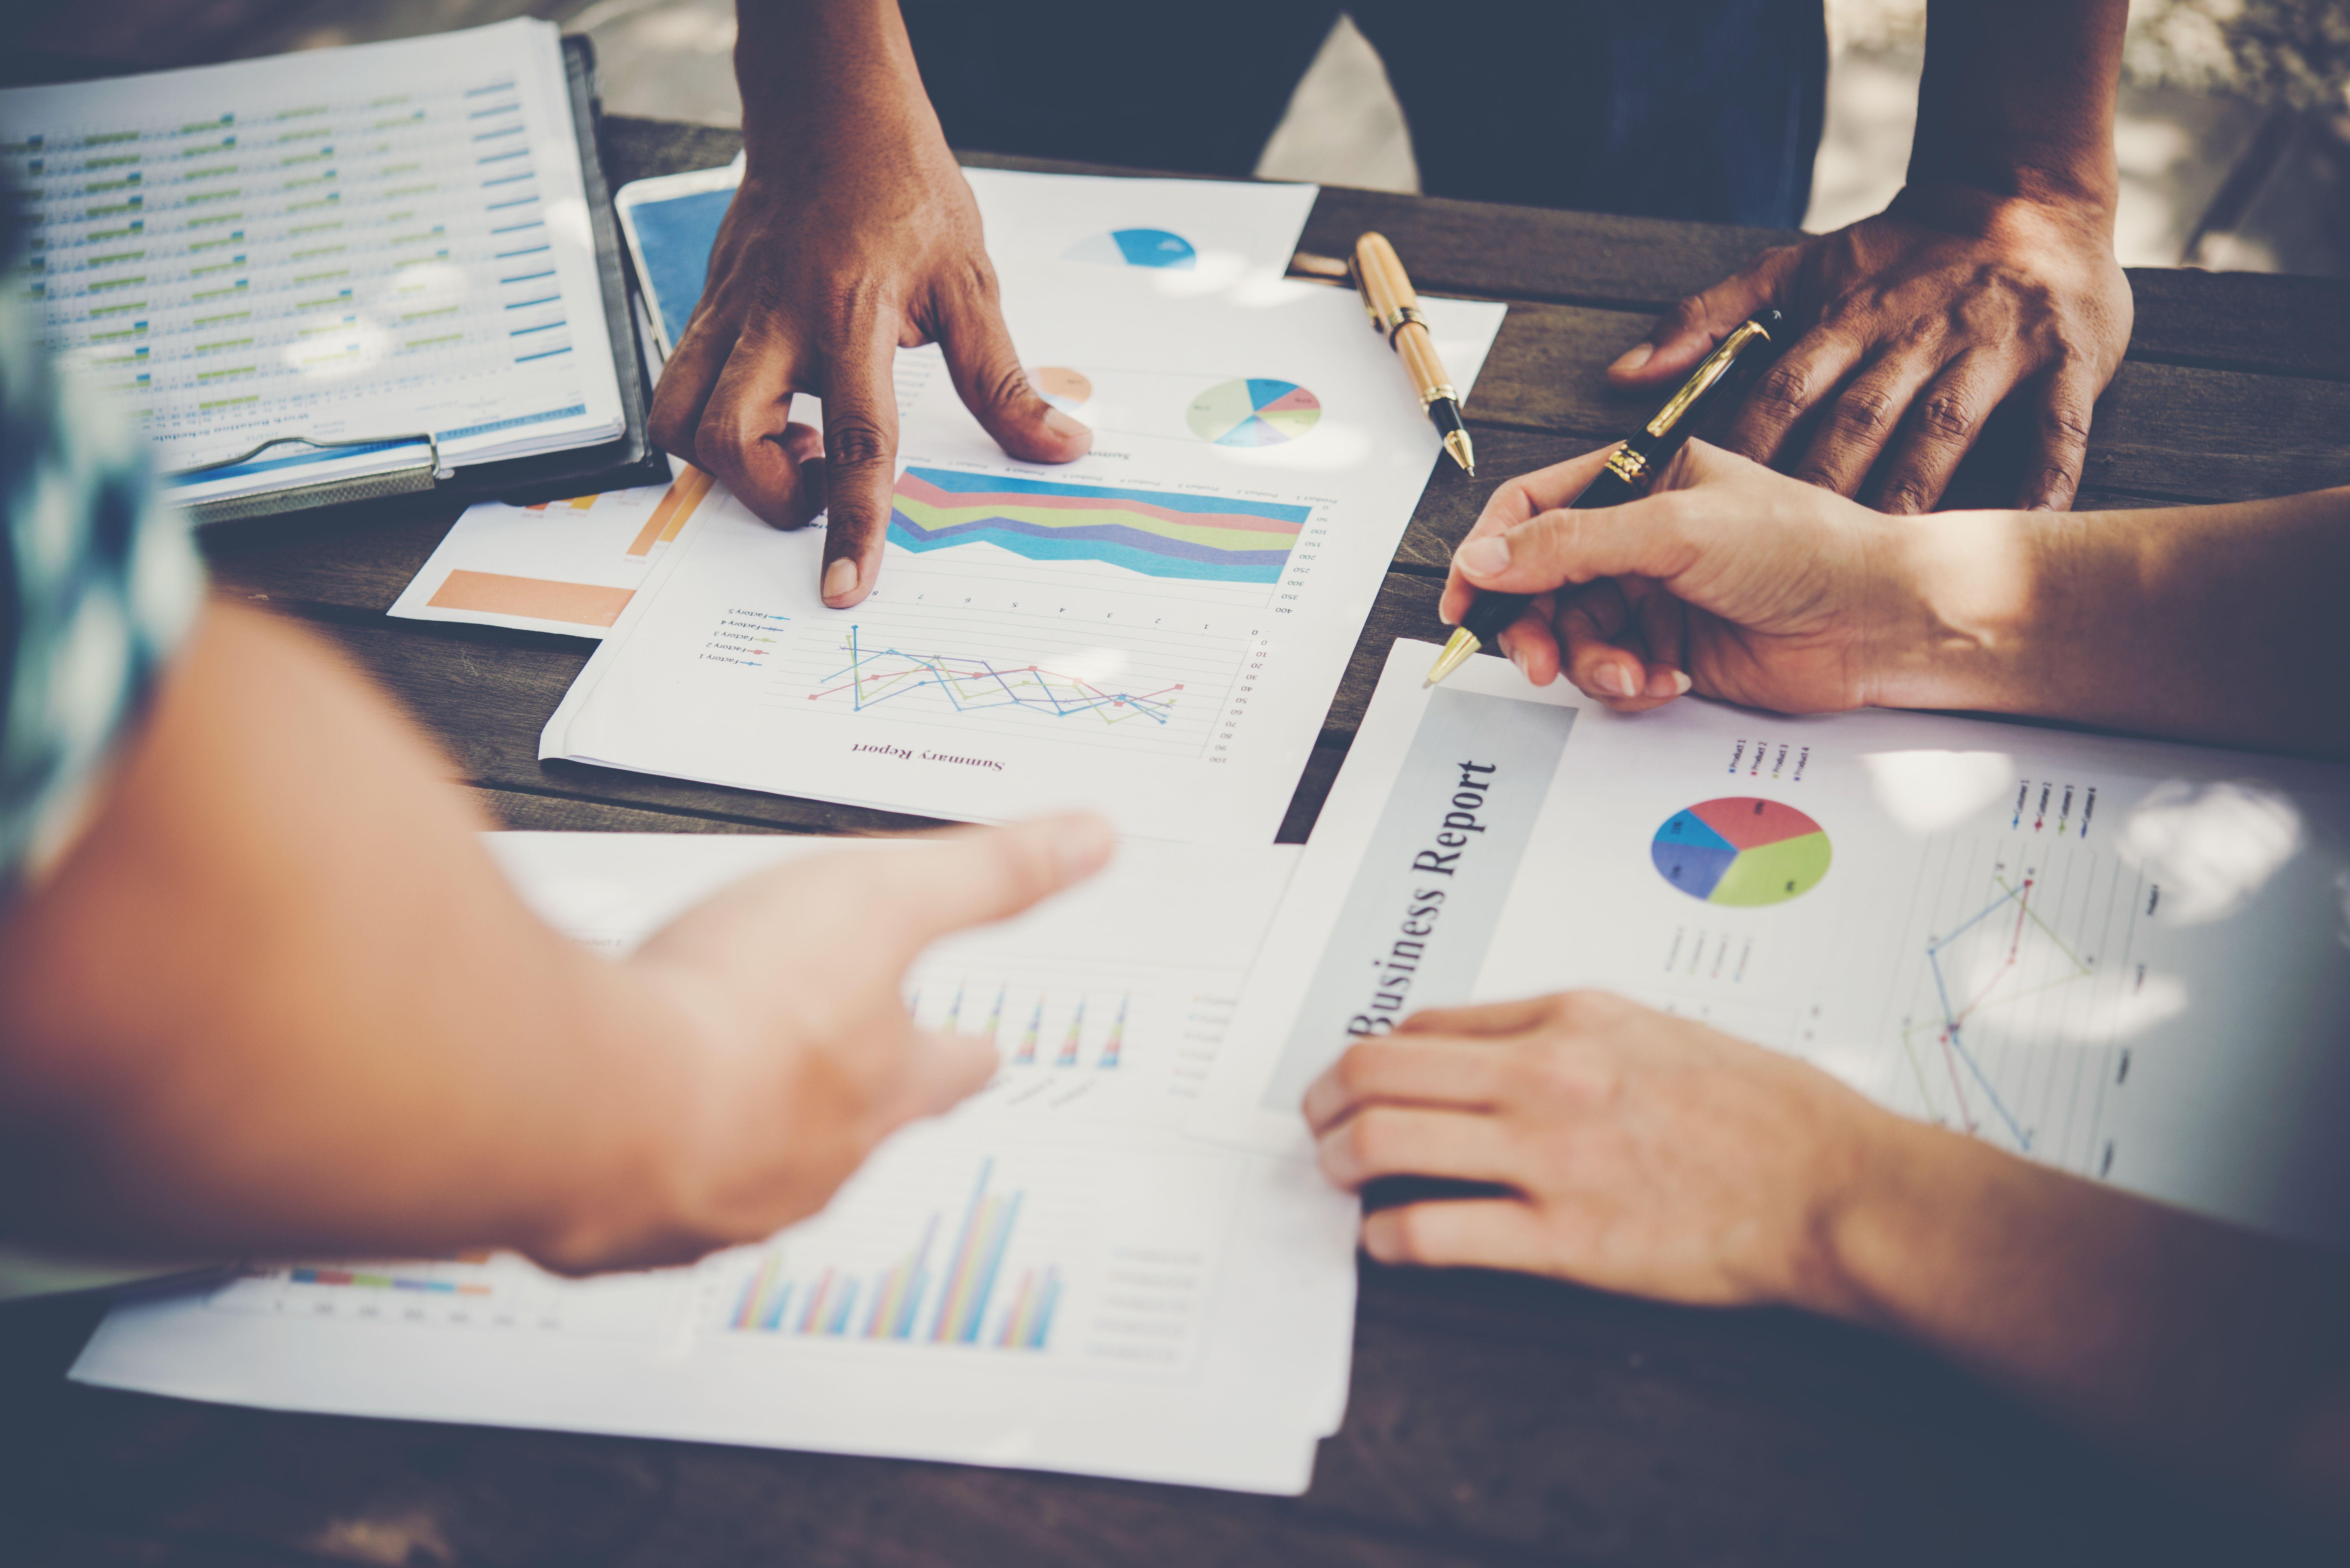 ¿Es necesario un estudio de mercado para lanzar un producto?